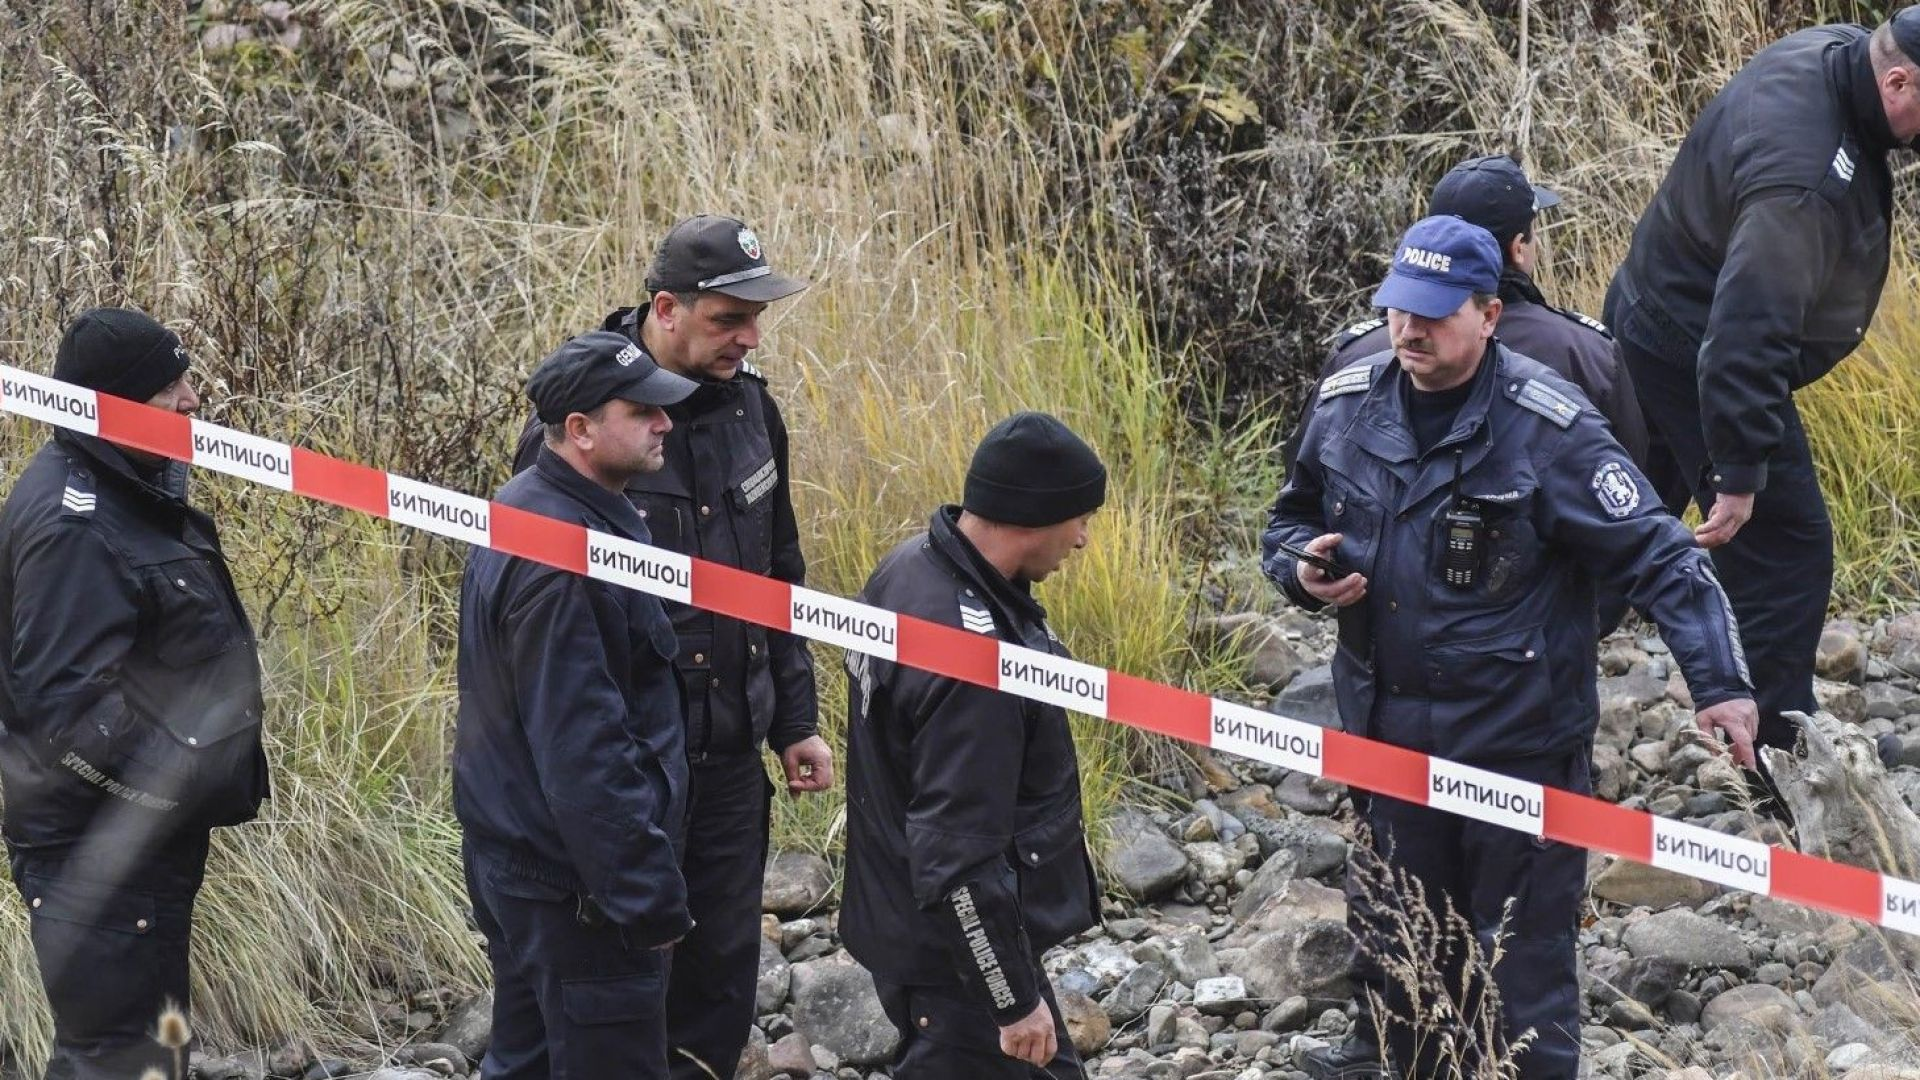 Откриха труп на млад мъж с огнестрелна рана в гърдите в Бургас